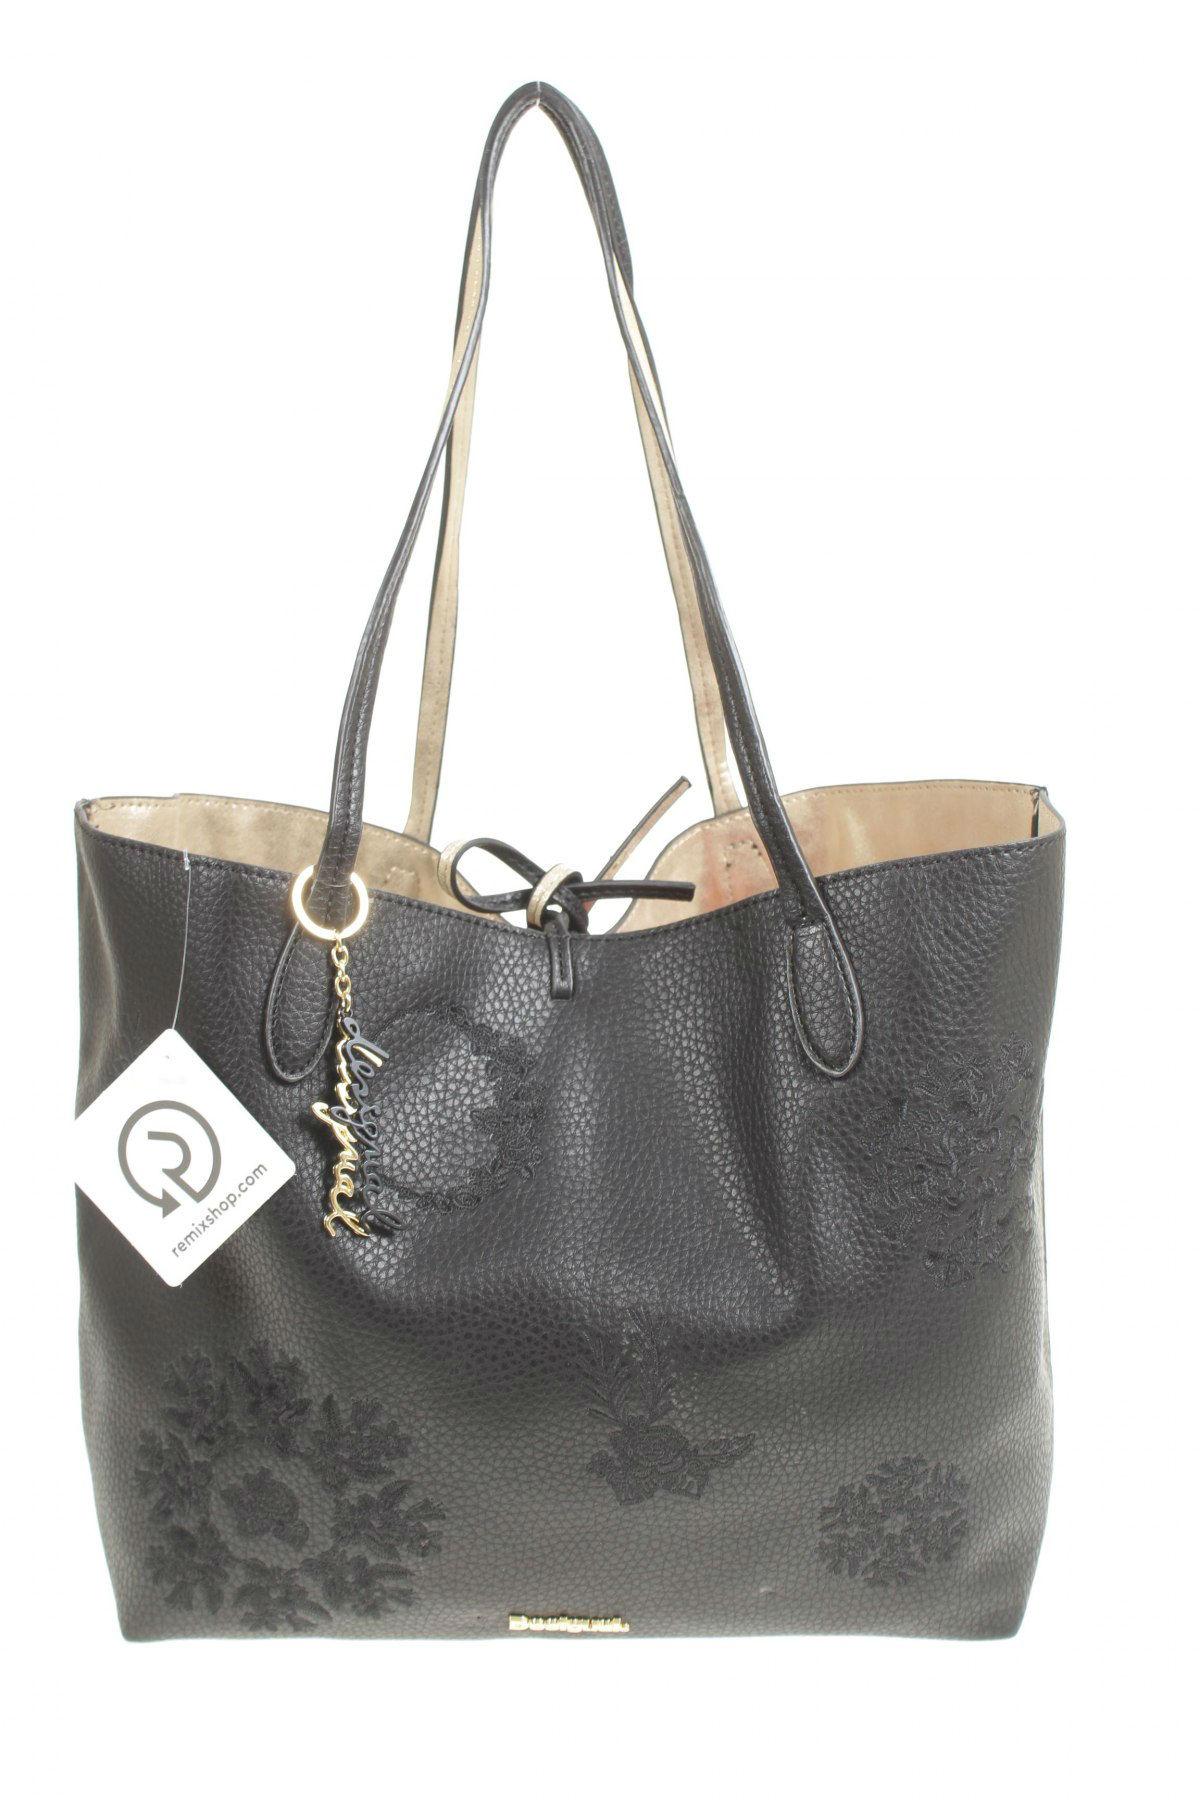 Dámska kabelka Desigual - za výhodnú cenu na Remix -  101189942 aaddcc6e8a3